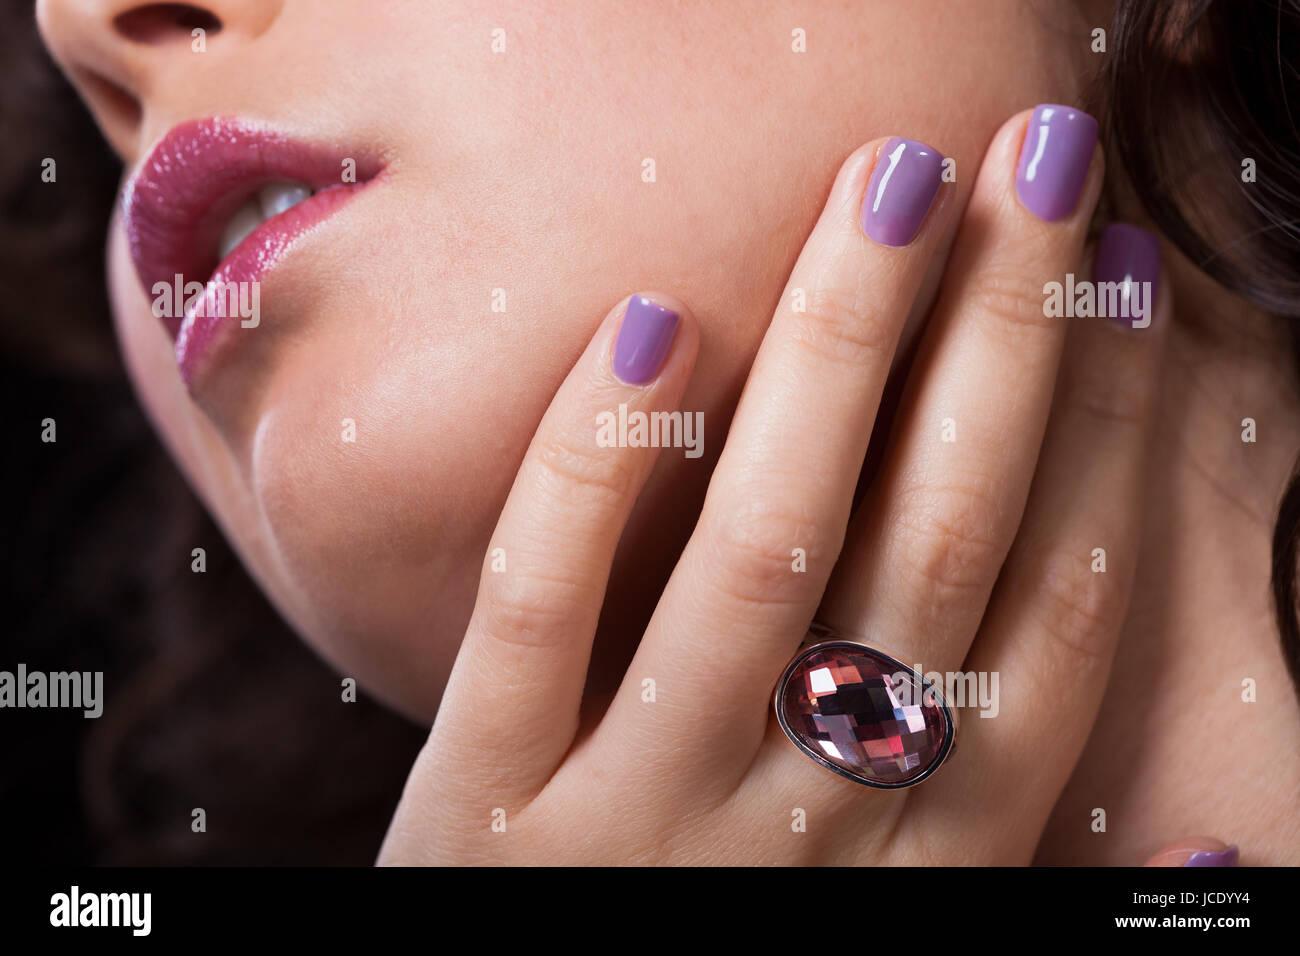 Nahaufnahme von Frauenhand mit Diamant-Ring und Nagellack Stockfoto ...